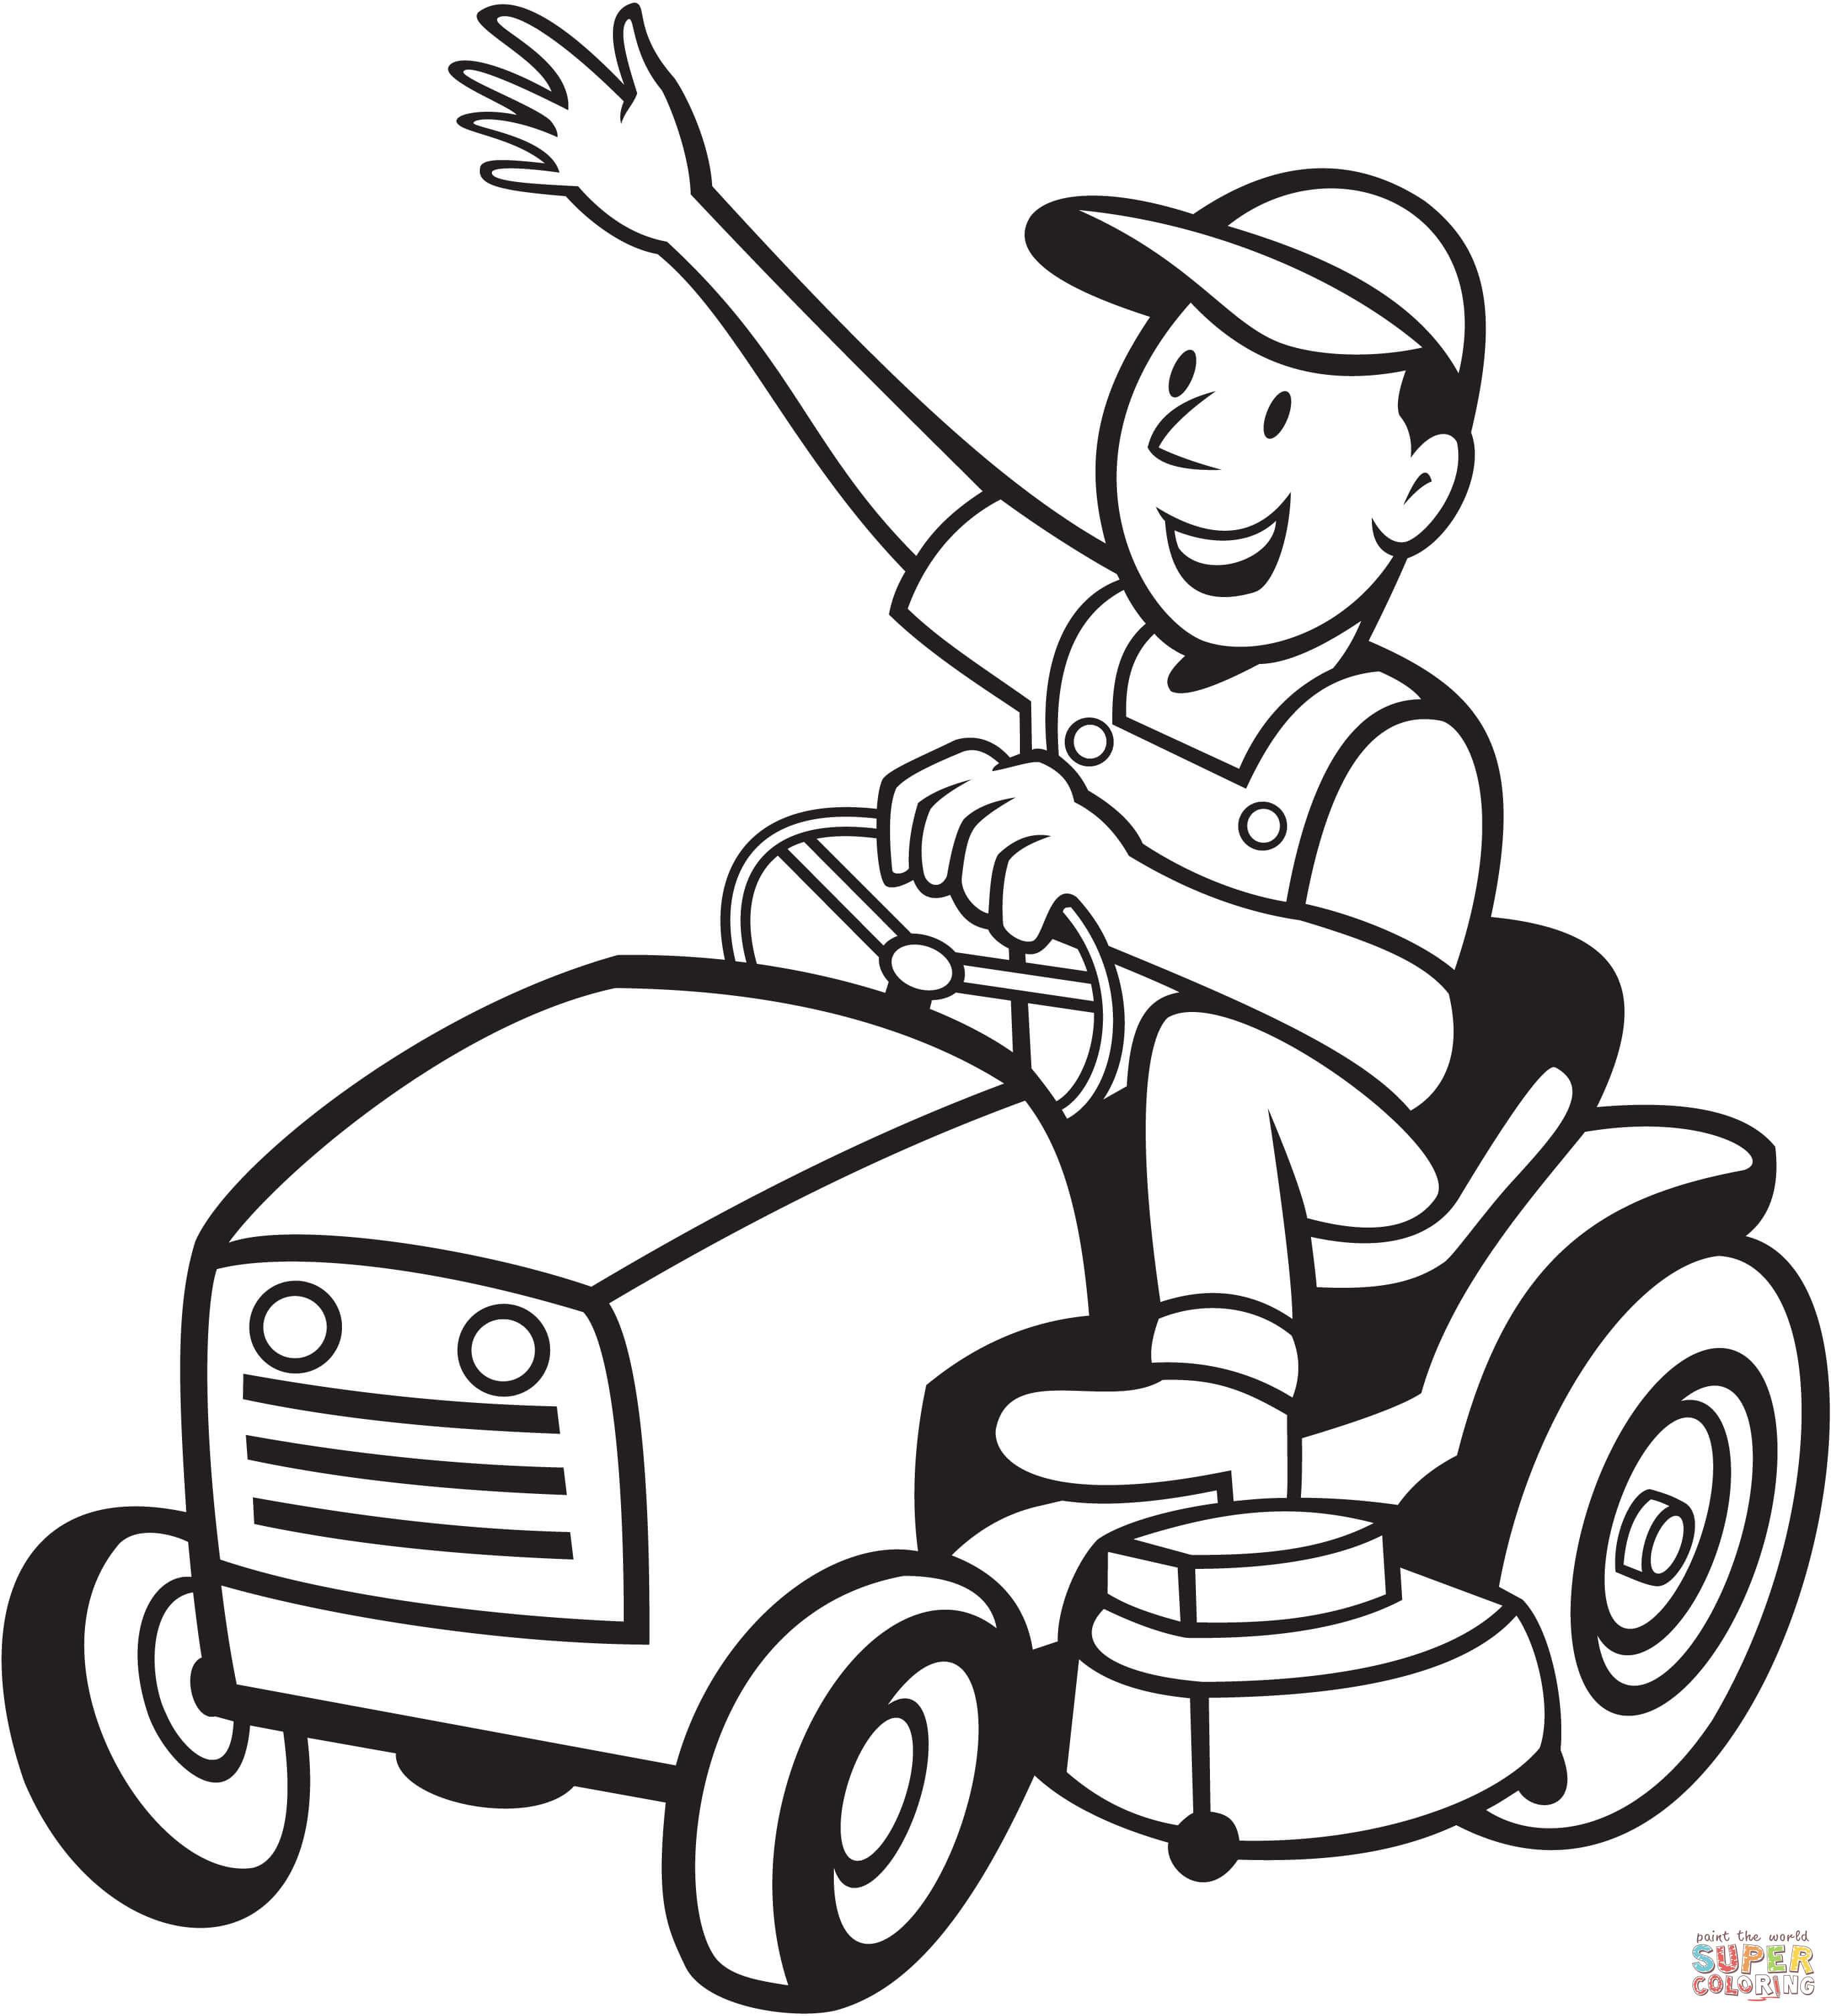 Ausmalbilder Traktor Mit Frontlader Inspirierend Ausmalbild Bauer Fährt Einen Traktor Mäher Bild